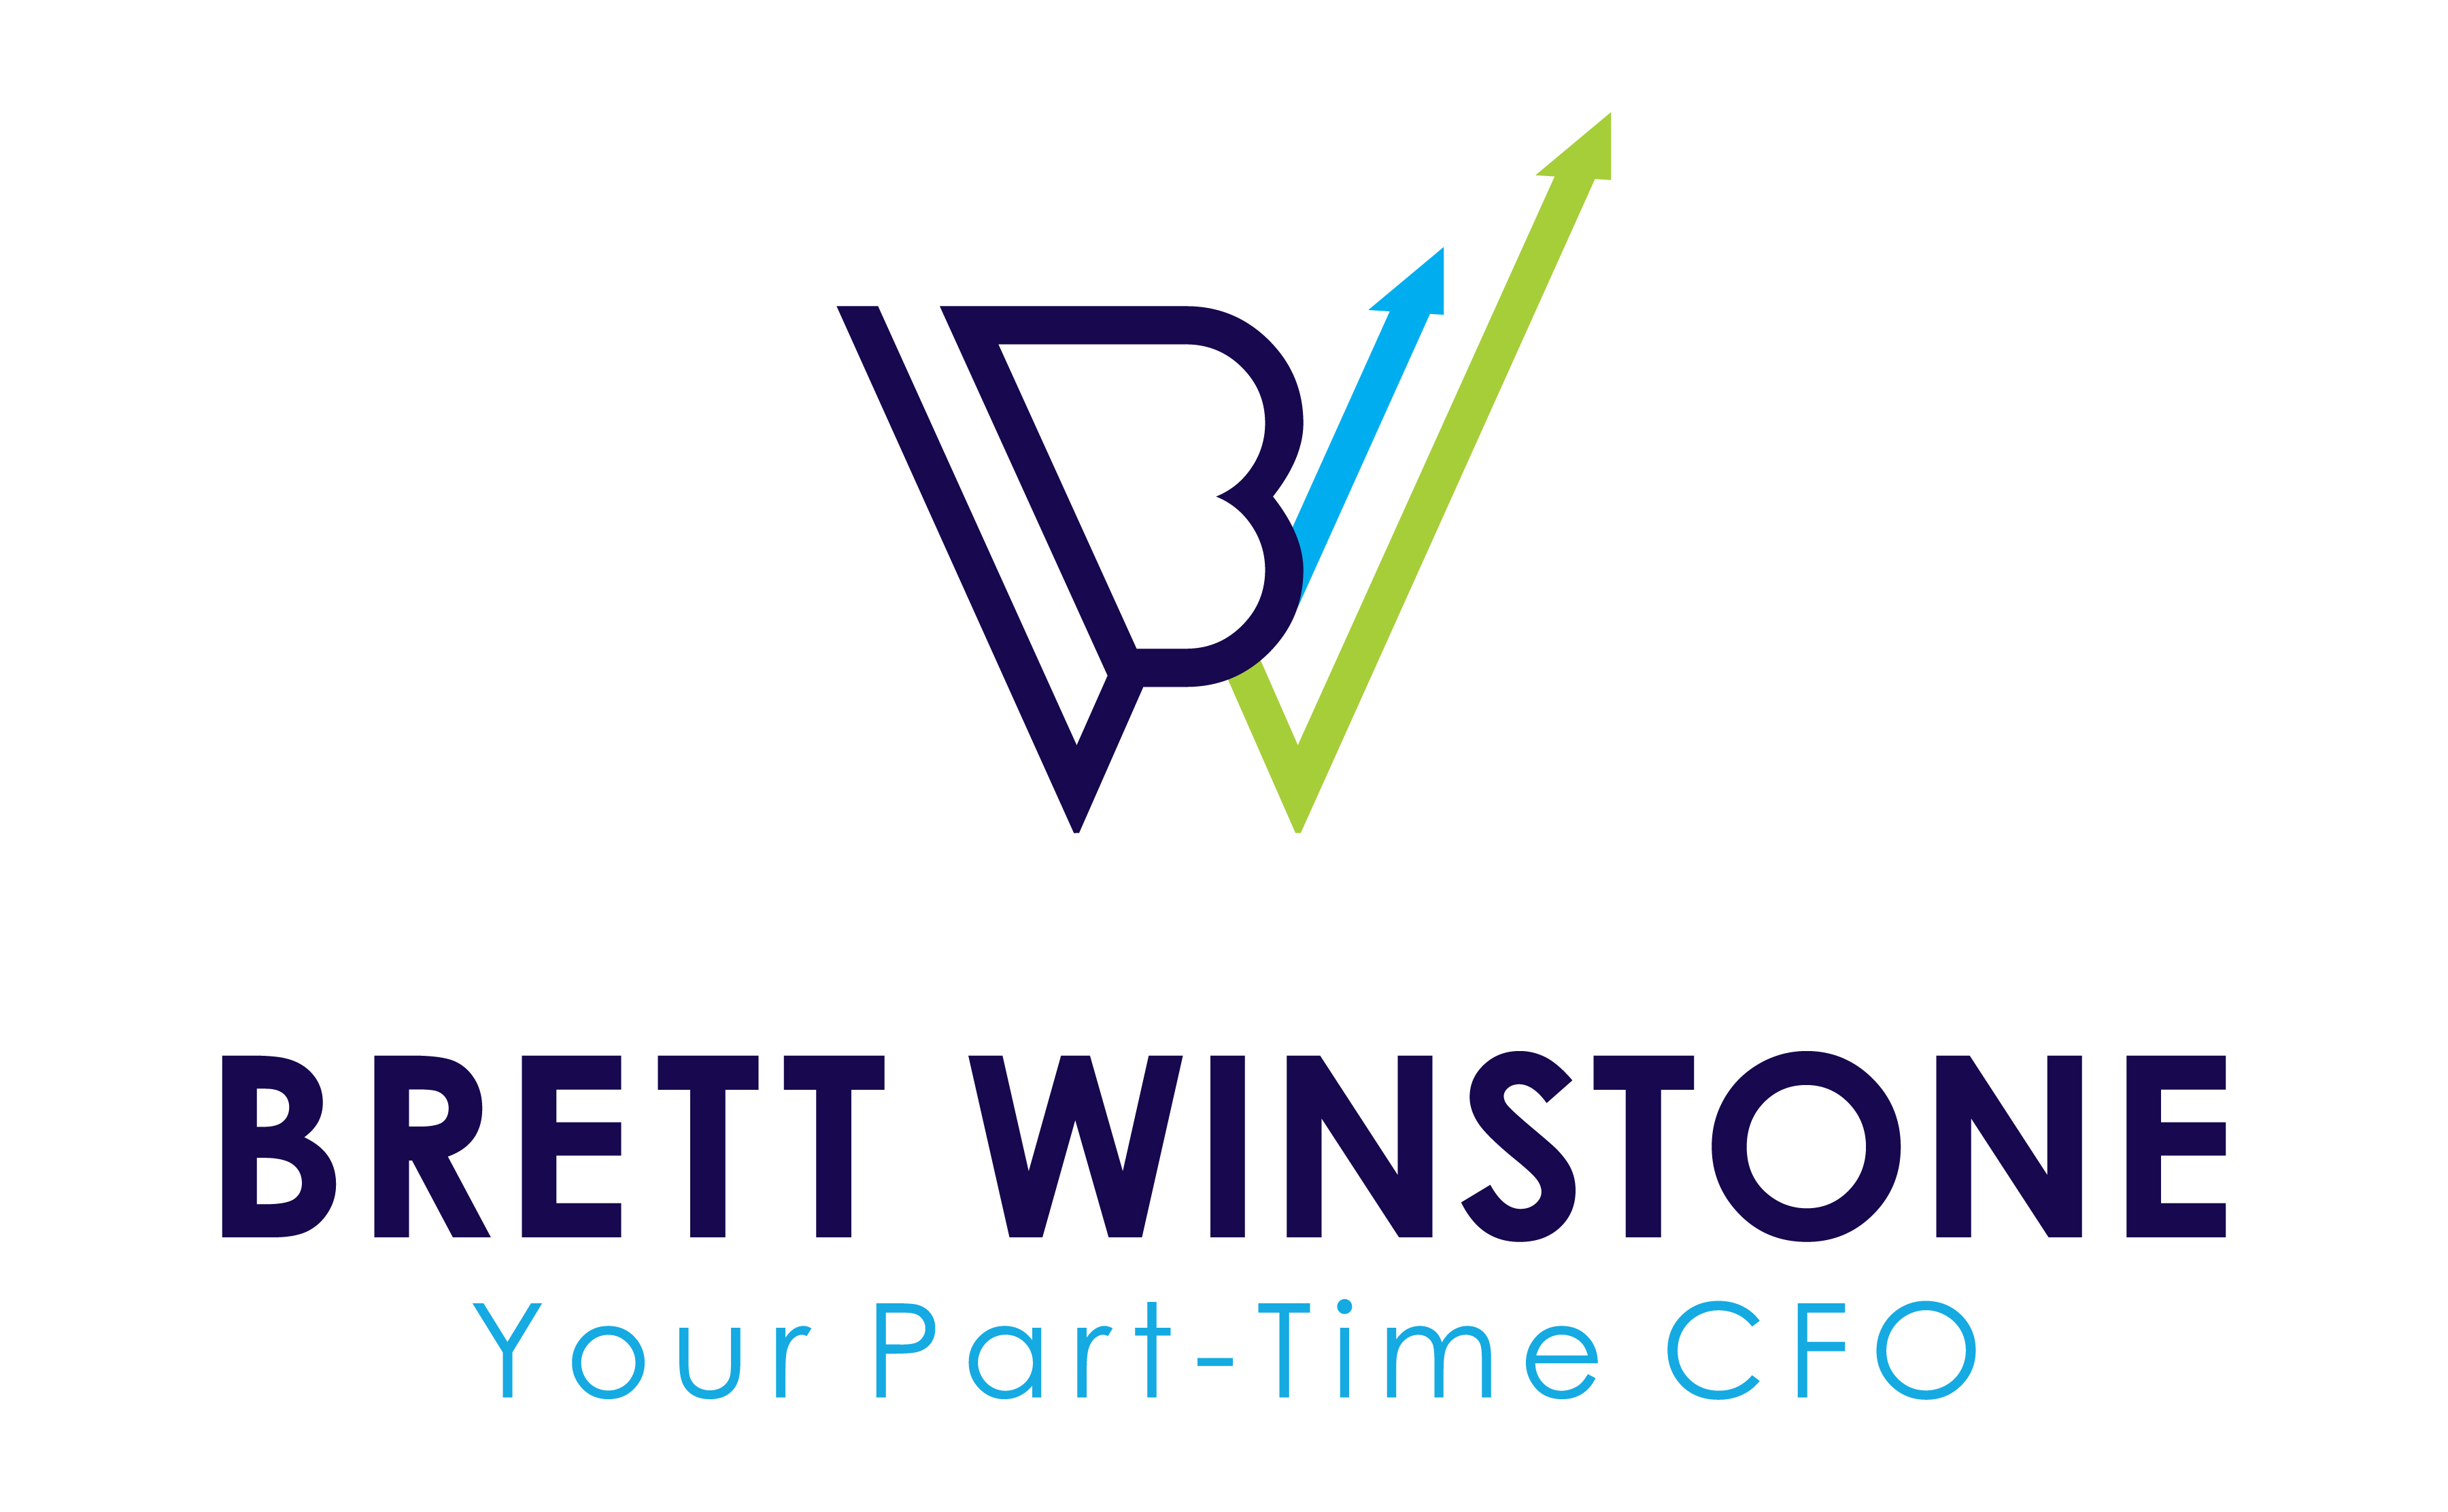 Brett Winstone Your Part-Time CFO